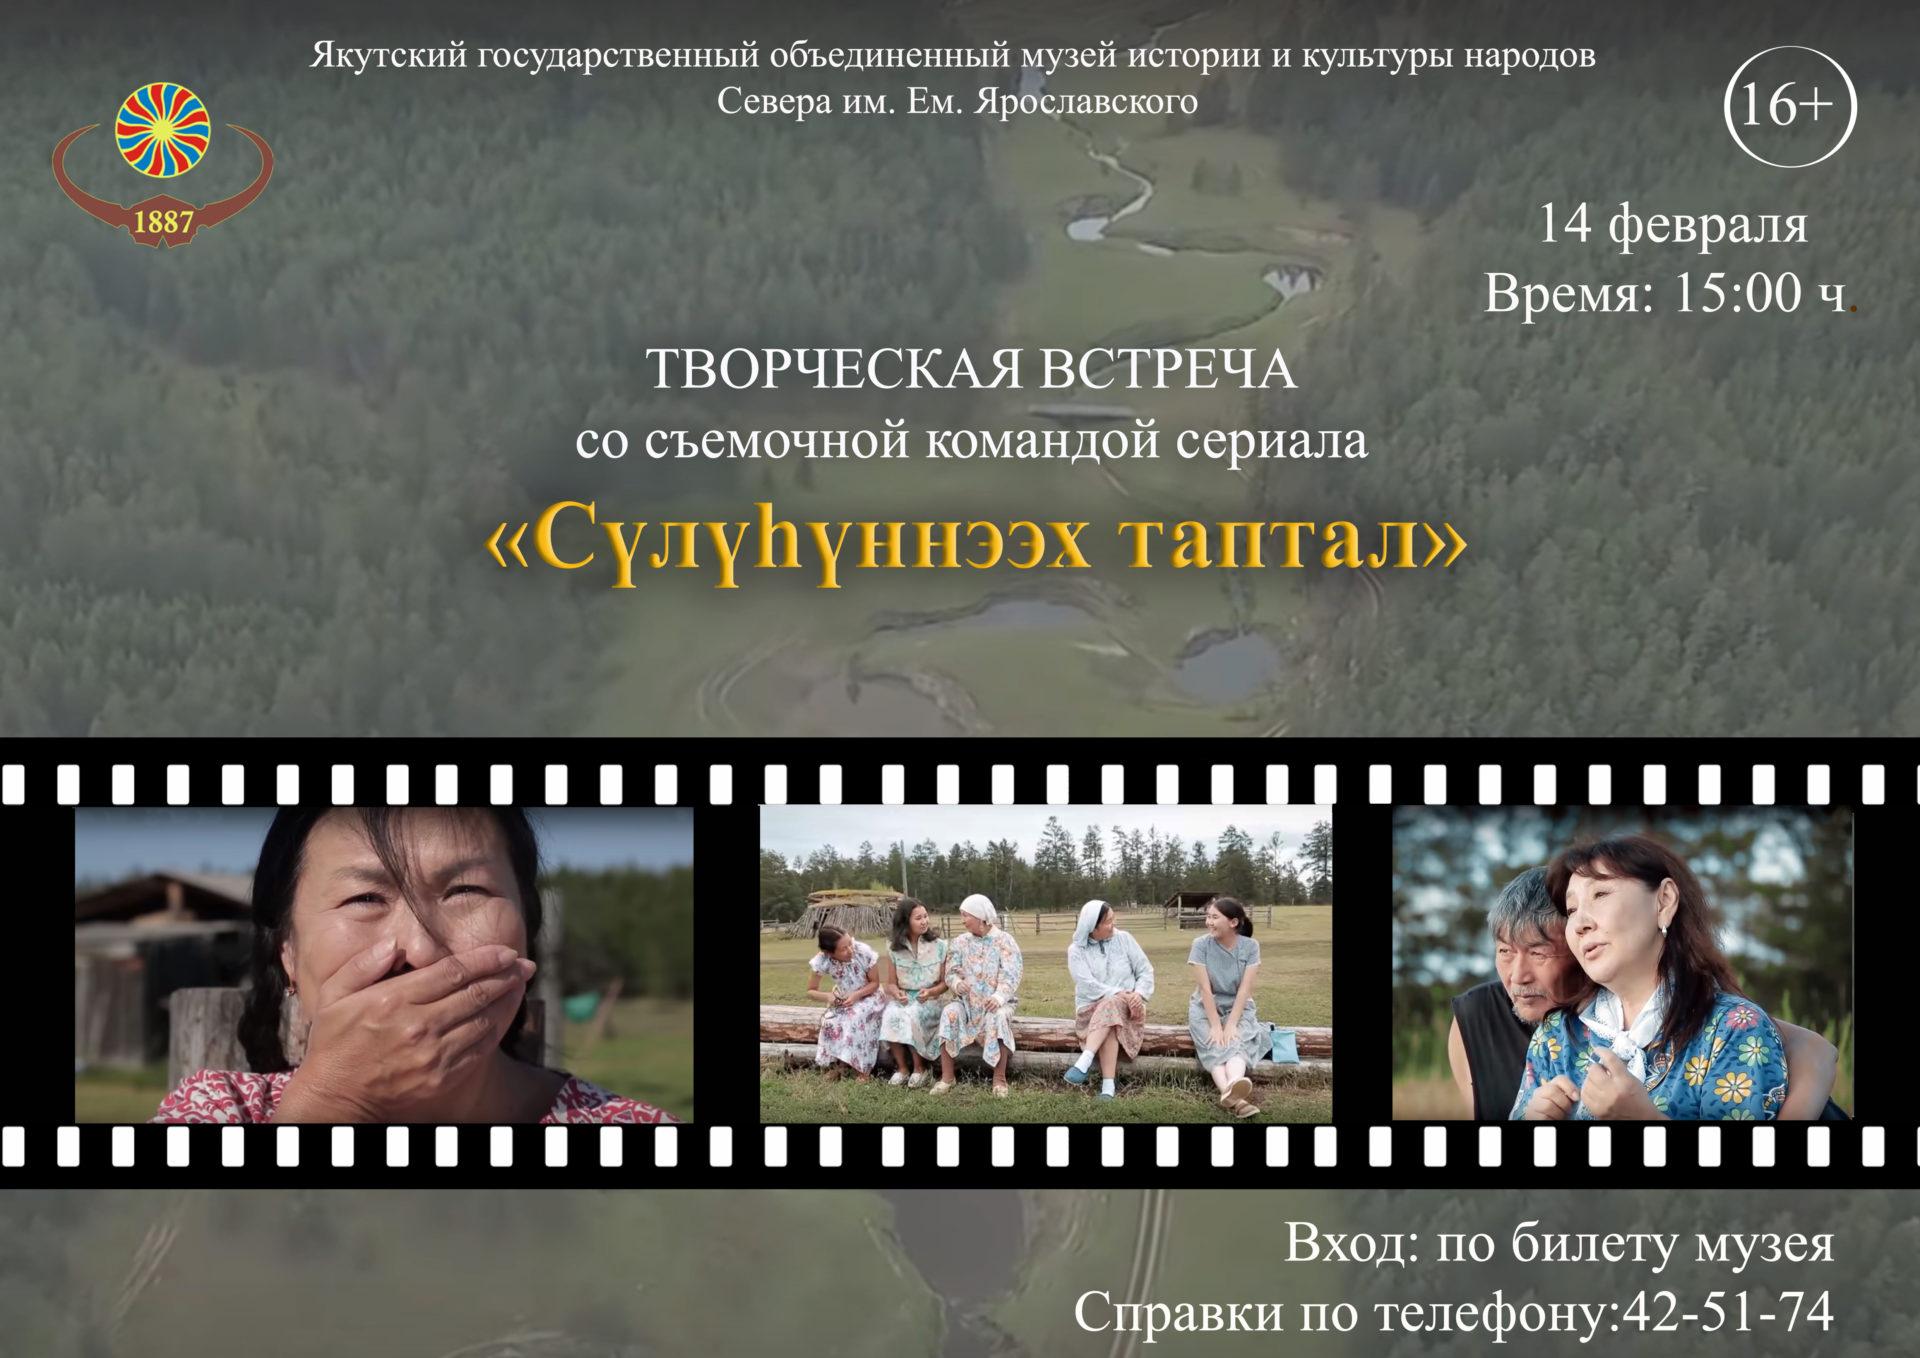 В Якутском музее состоится встреча со съемочной командой нашумевшего сериала «Сүлүһүннээх таптал»